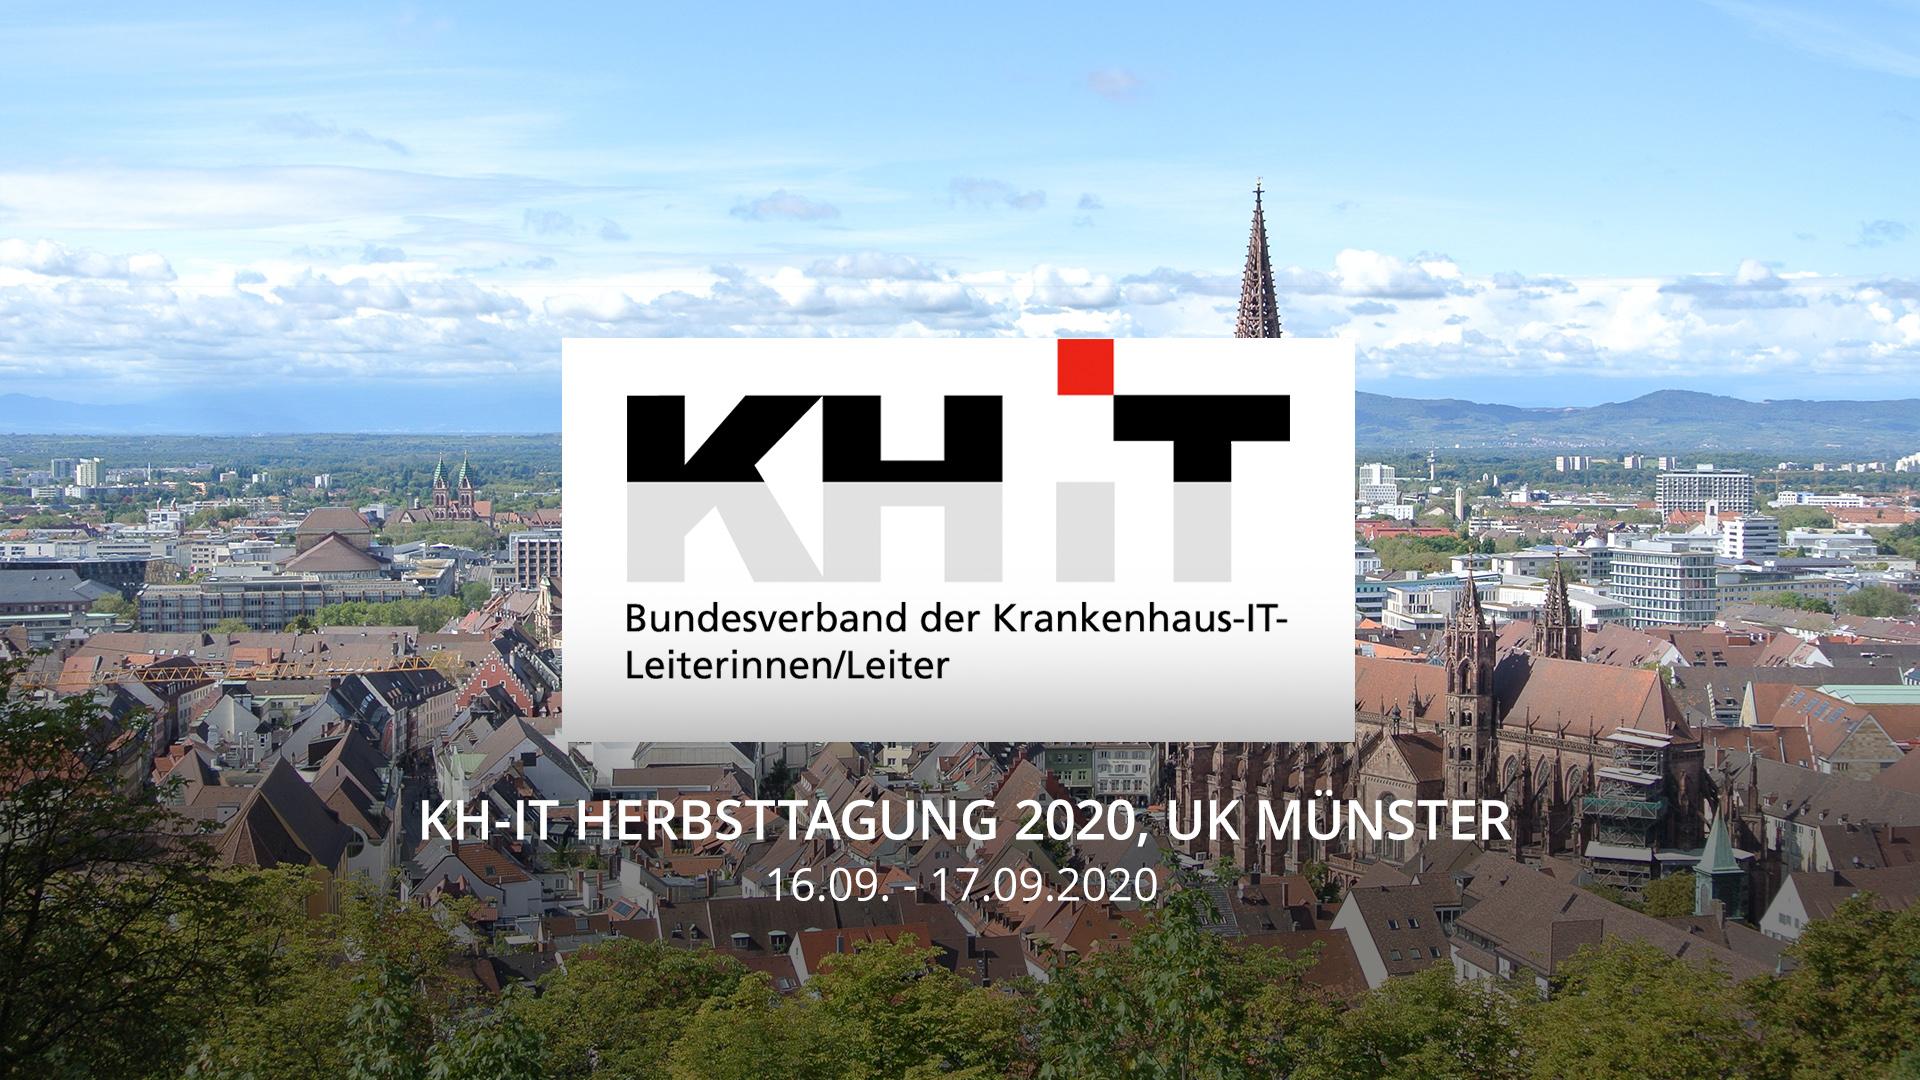 September20 - KH-IT Herbsttagung, UK Münster